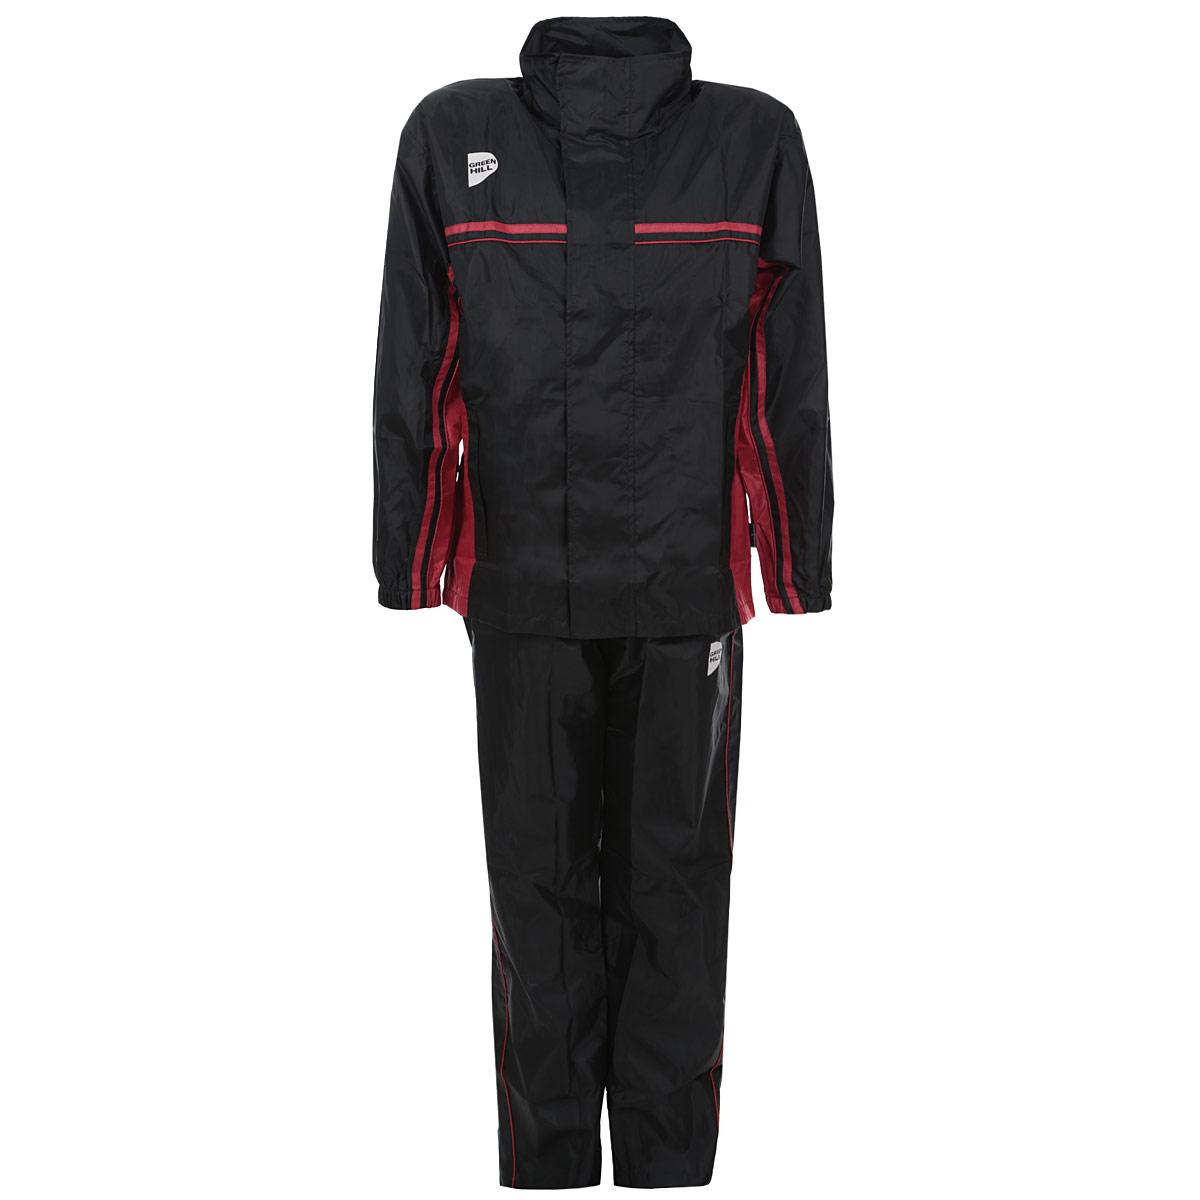 Костюм-сауна Green Hill, цвет: черный, красный. Размер 52SS-3661Костюм-сауна Green Hill предназначен для интенсивного сброса веса во время тренировок. Костюм выполнен из полиэстера черного цвета с красными вставками. Состоит из штанов и куртки с длинным рукавом. Пояс и манжеты куртки и штанов на резинках, что обеспечивает более плотное прилегание к телу. Куртка застегивается на застежку-молнию и липучки, имеет капюшон, убирающийся в воротник, и два кармана на молнии. Брюки имеют шнурок на поясе, а также карманы на молнии. Во время физических тренировок костюм создает эффект сауны, что в свою очередь эффективно воздействует на процесс сжигания жира. Поэтому в таком костюме лишний вес будет пропадать намного быстрее, чем в обычной спортивной одежде.